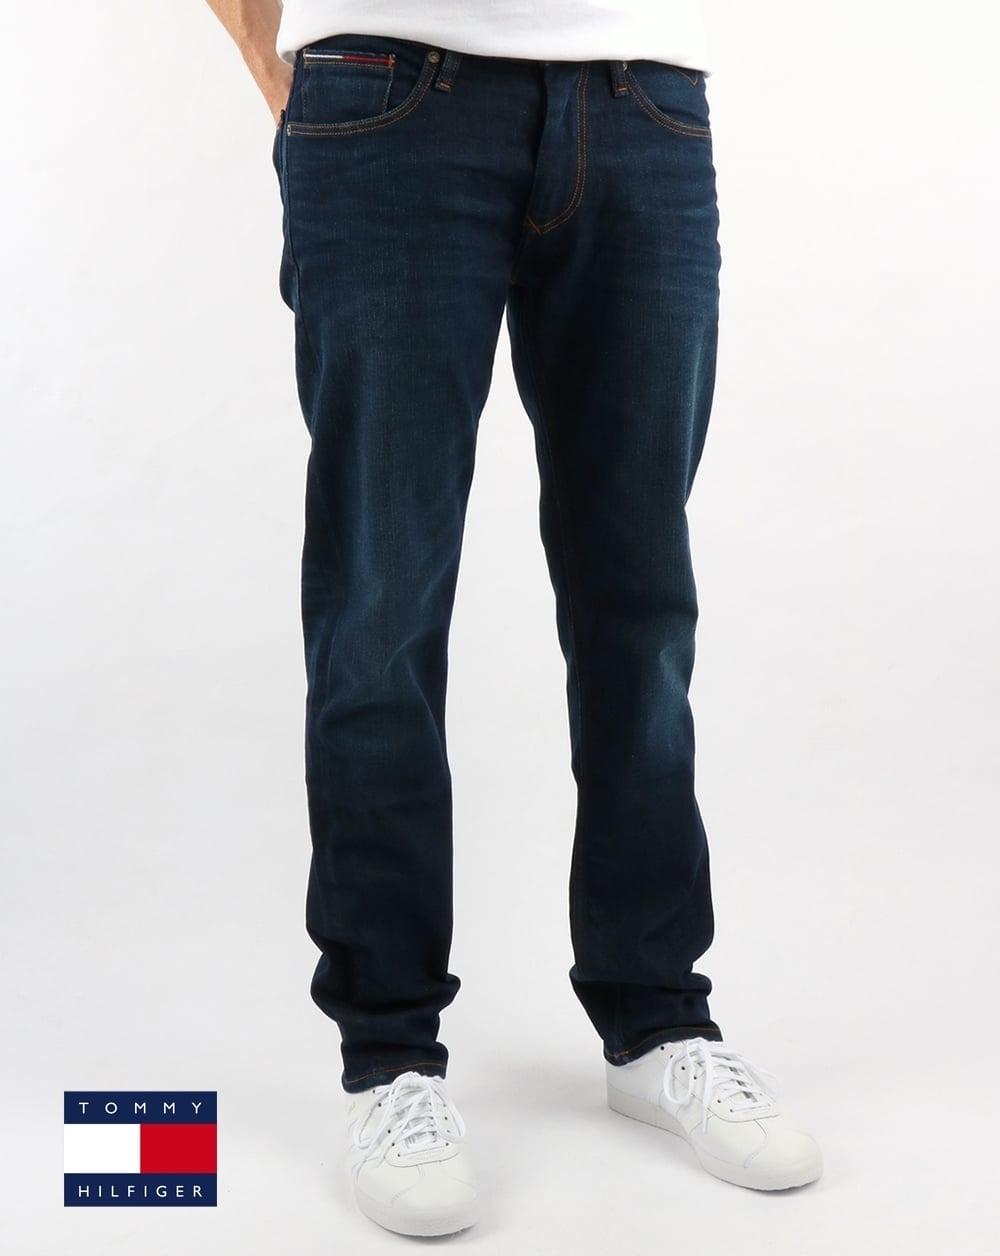 bukser tommy hilfiger